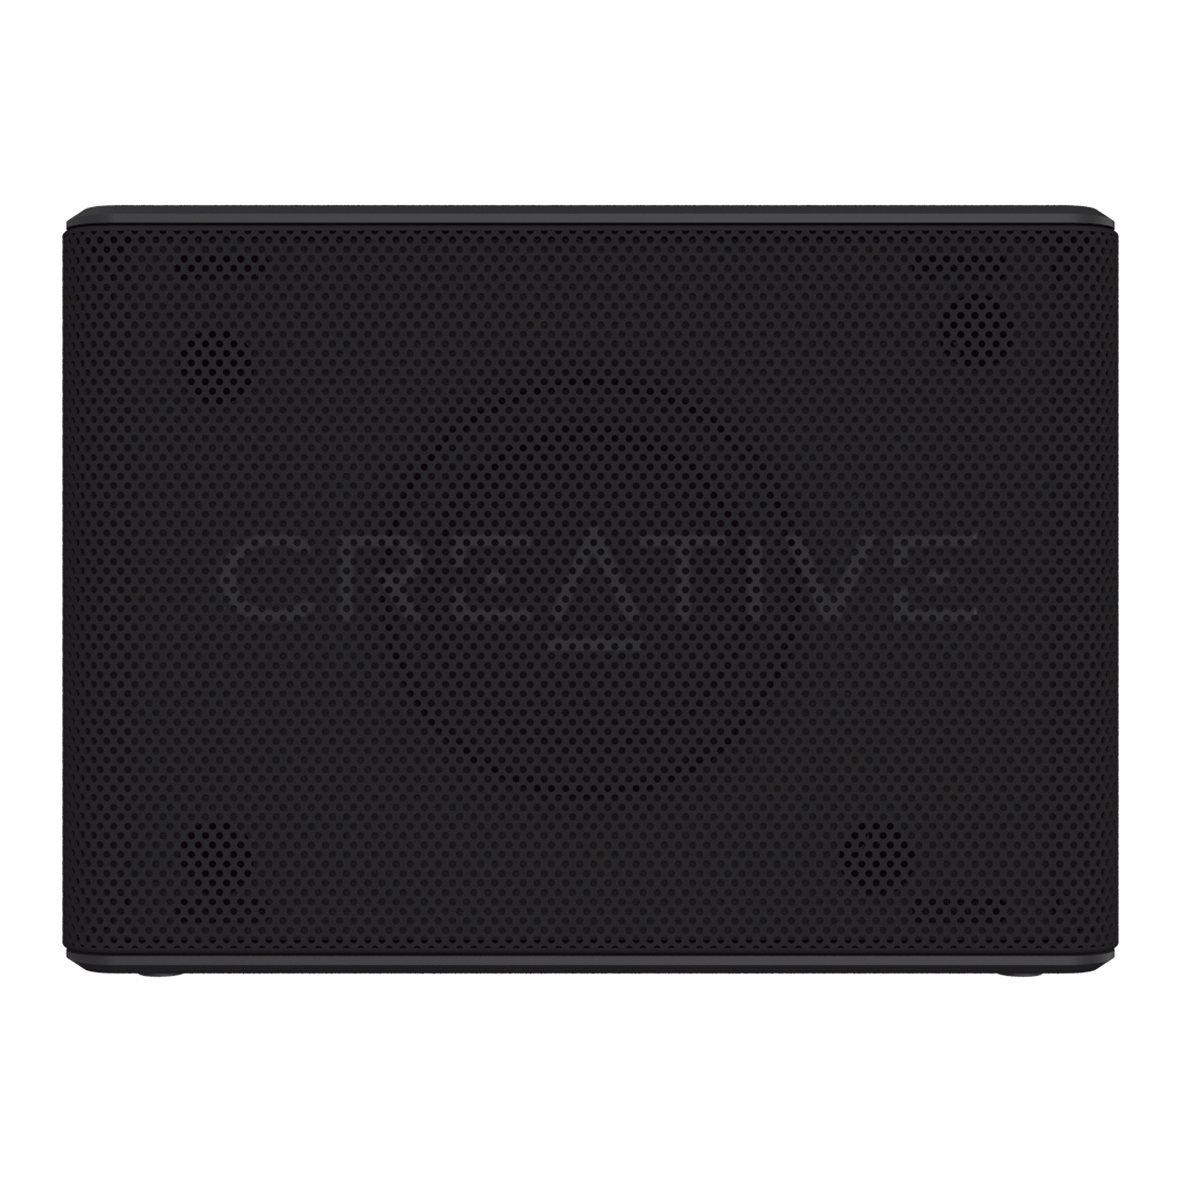 Creative Muvo 2C Mini Bluetooth Hoparlör-Black